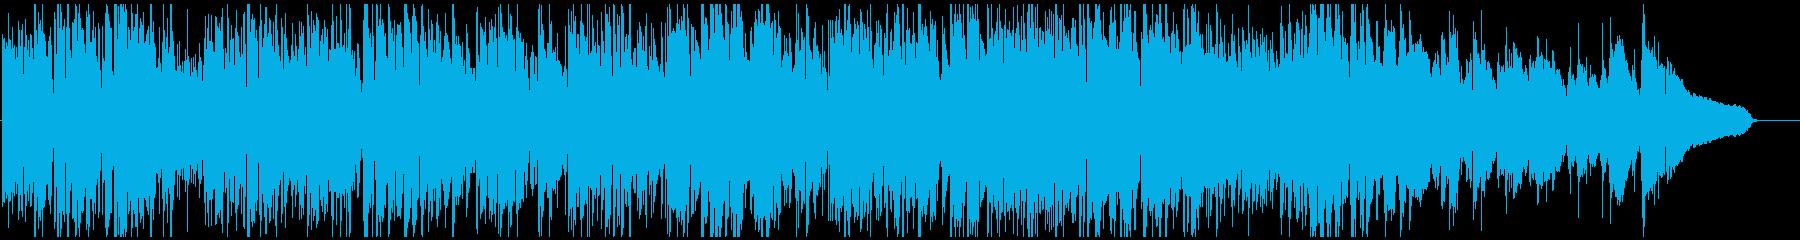 わくわく軽快ジャズサンバ、サックス生演奏の再生済みの波形